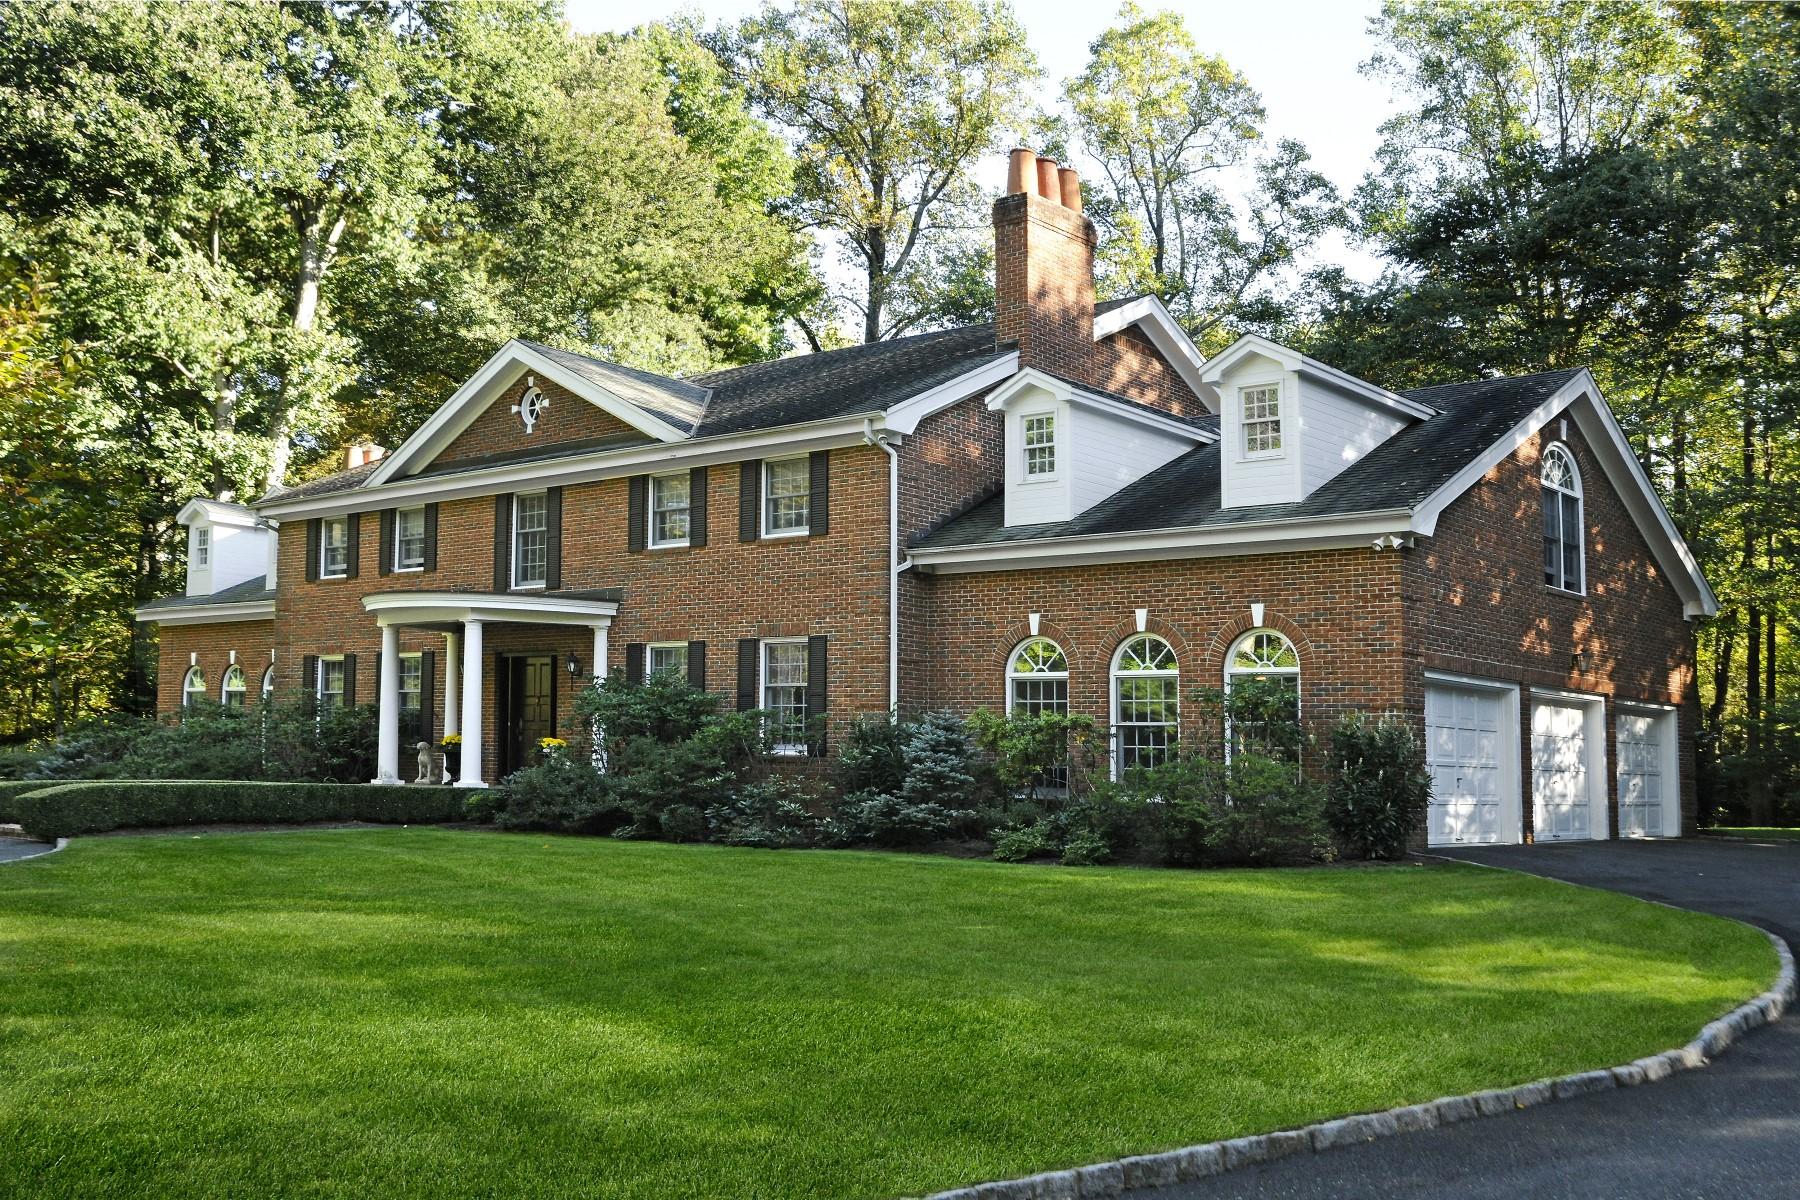 Maison unifamiliale pour l Vente à Georgian Colonial on Private 4-Acres 10 Wyckham Hill Lane Greenwich, Connecticut 06831 États-Unis